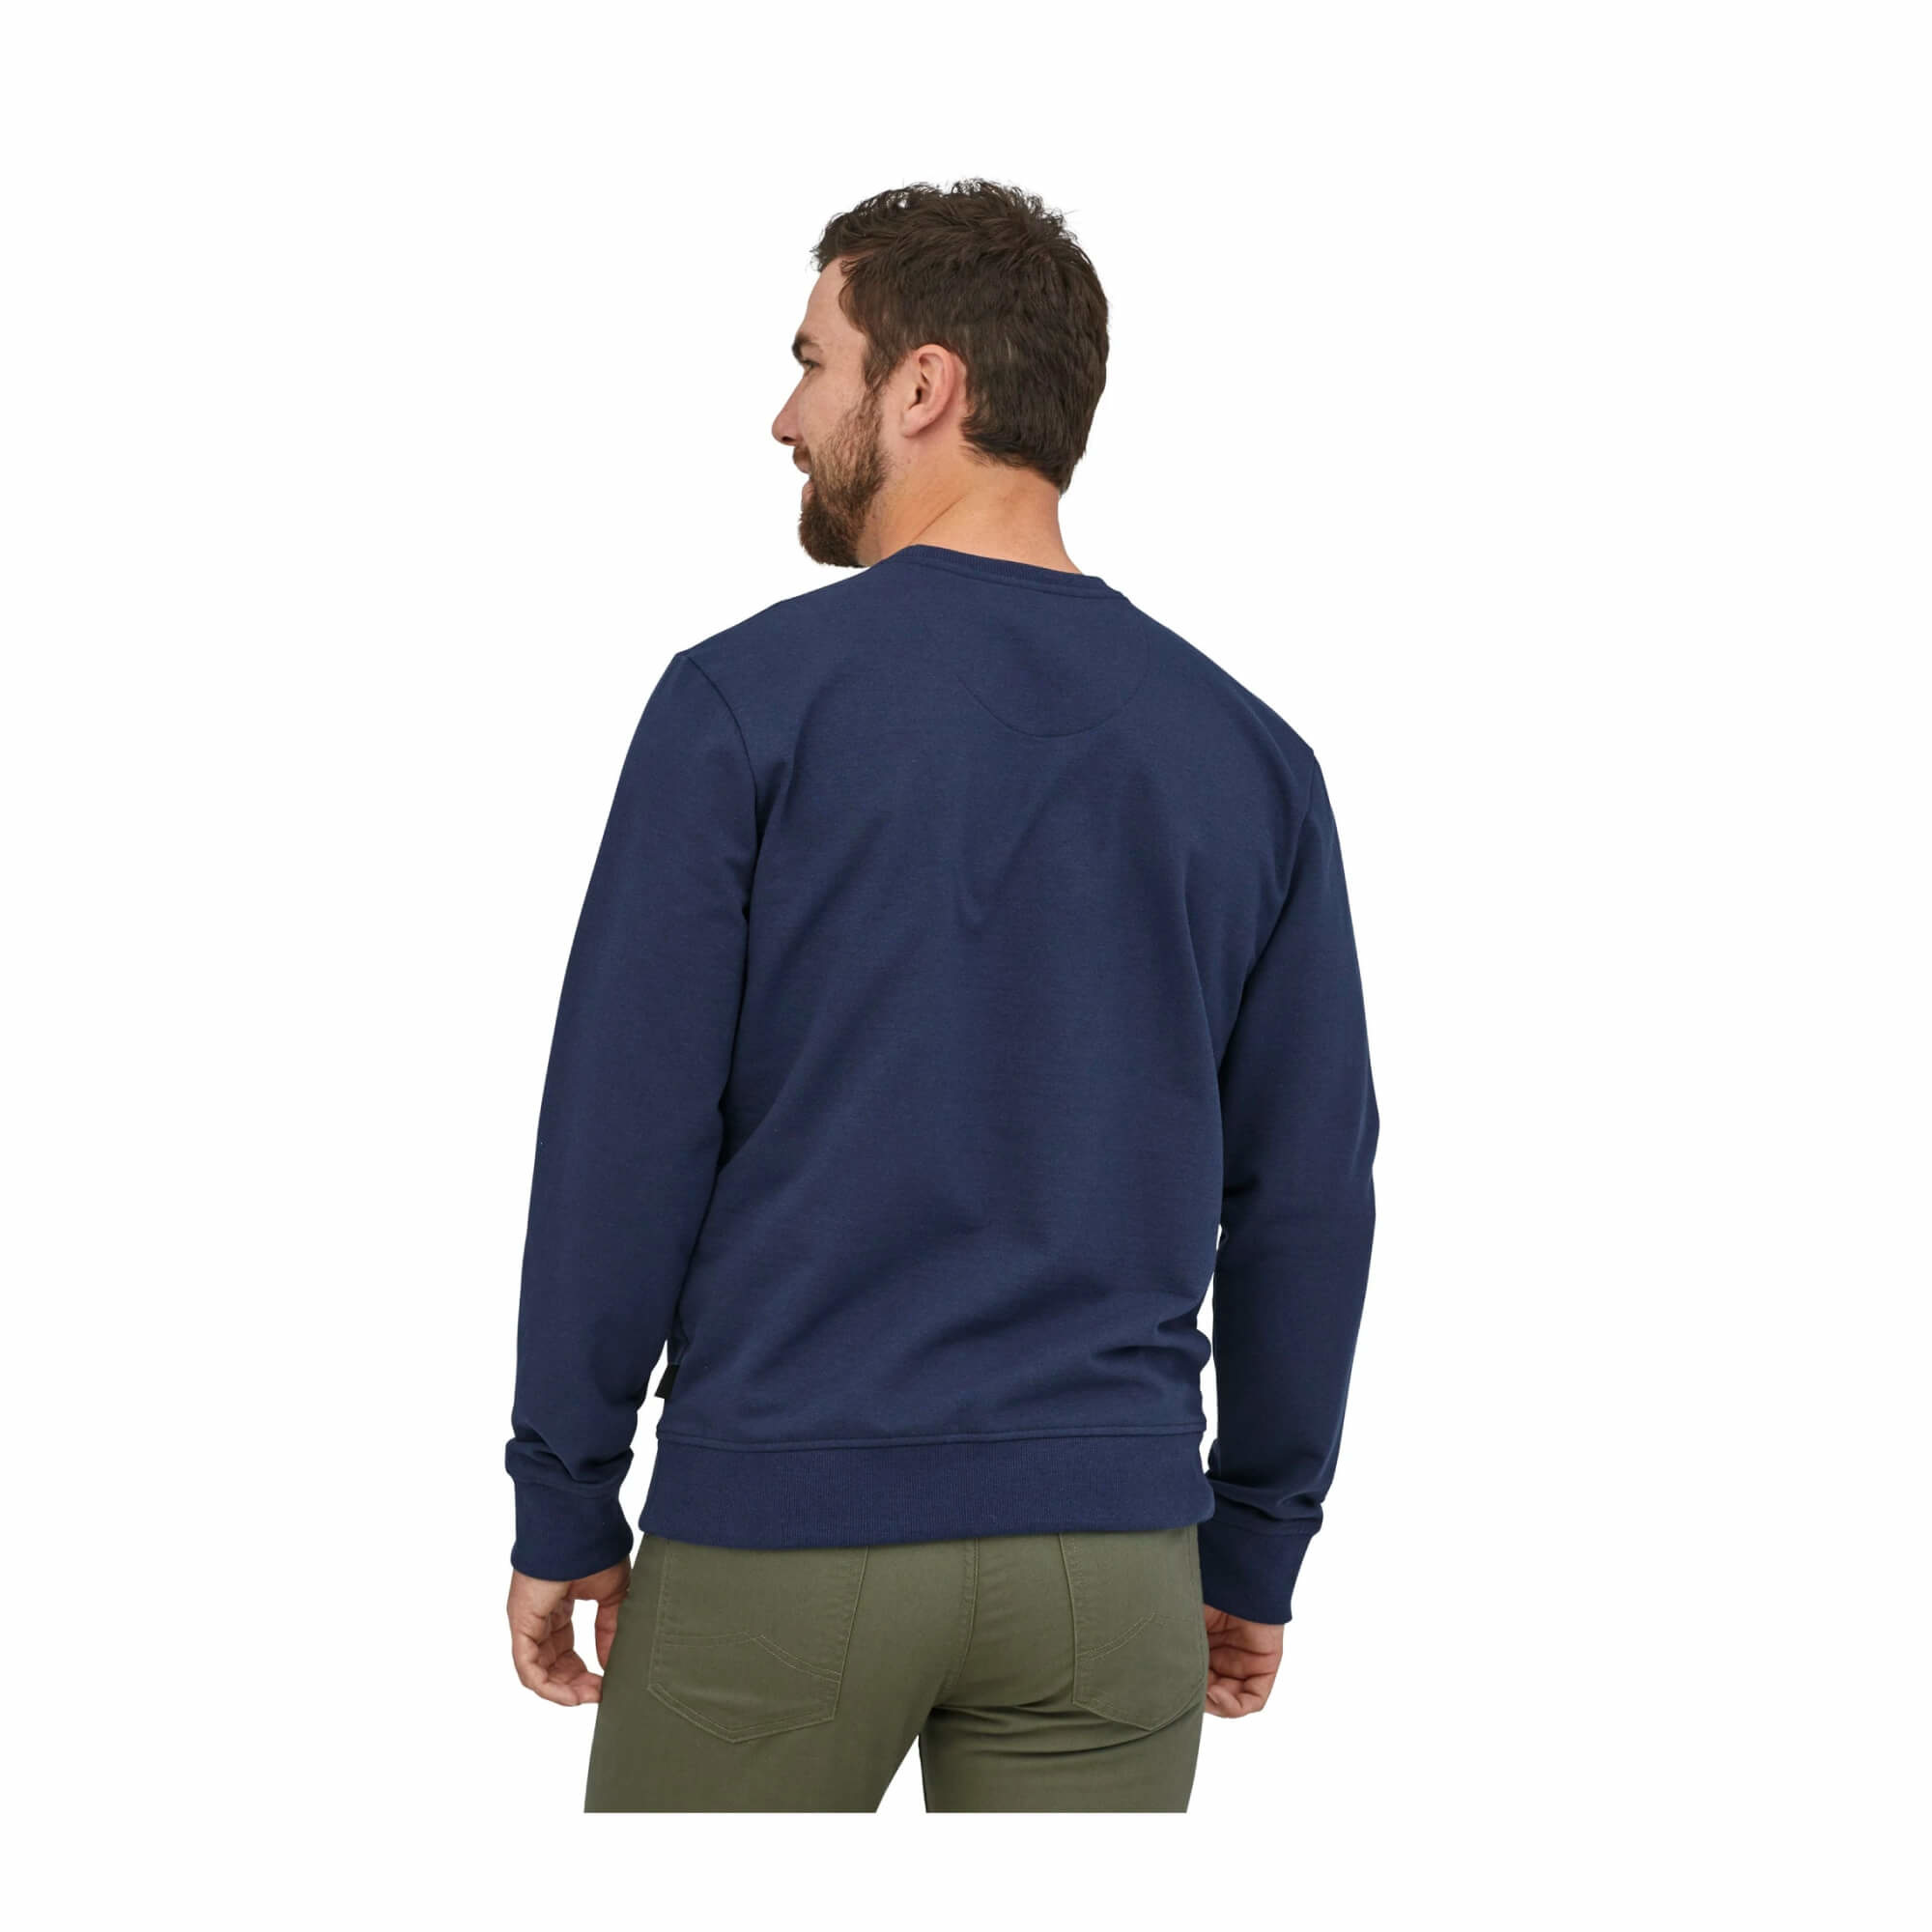 Men's P-6 Label Uprisal Crew Sweatshirt-3